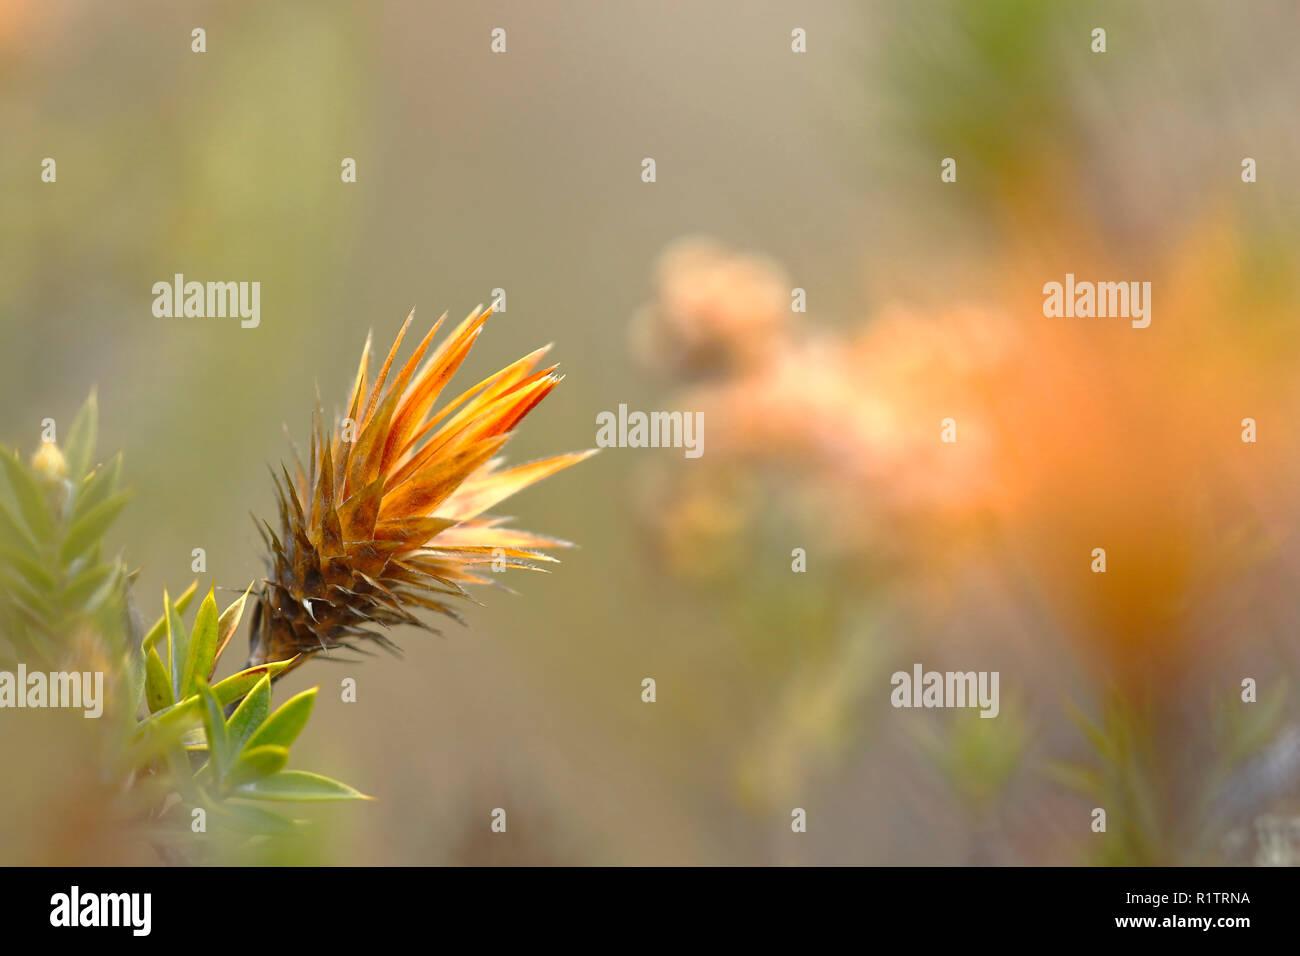 Precioso detalle en su ambiente natural de una flor llamada Andina Huamanpinta (Chuquiraga spinosa), que se encuentra en peligro de extinción. Imagen De Stock